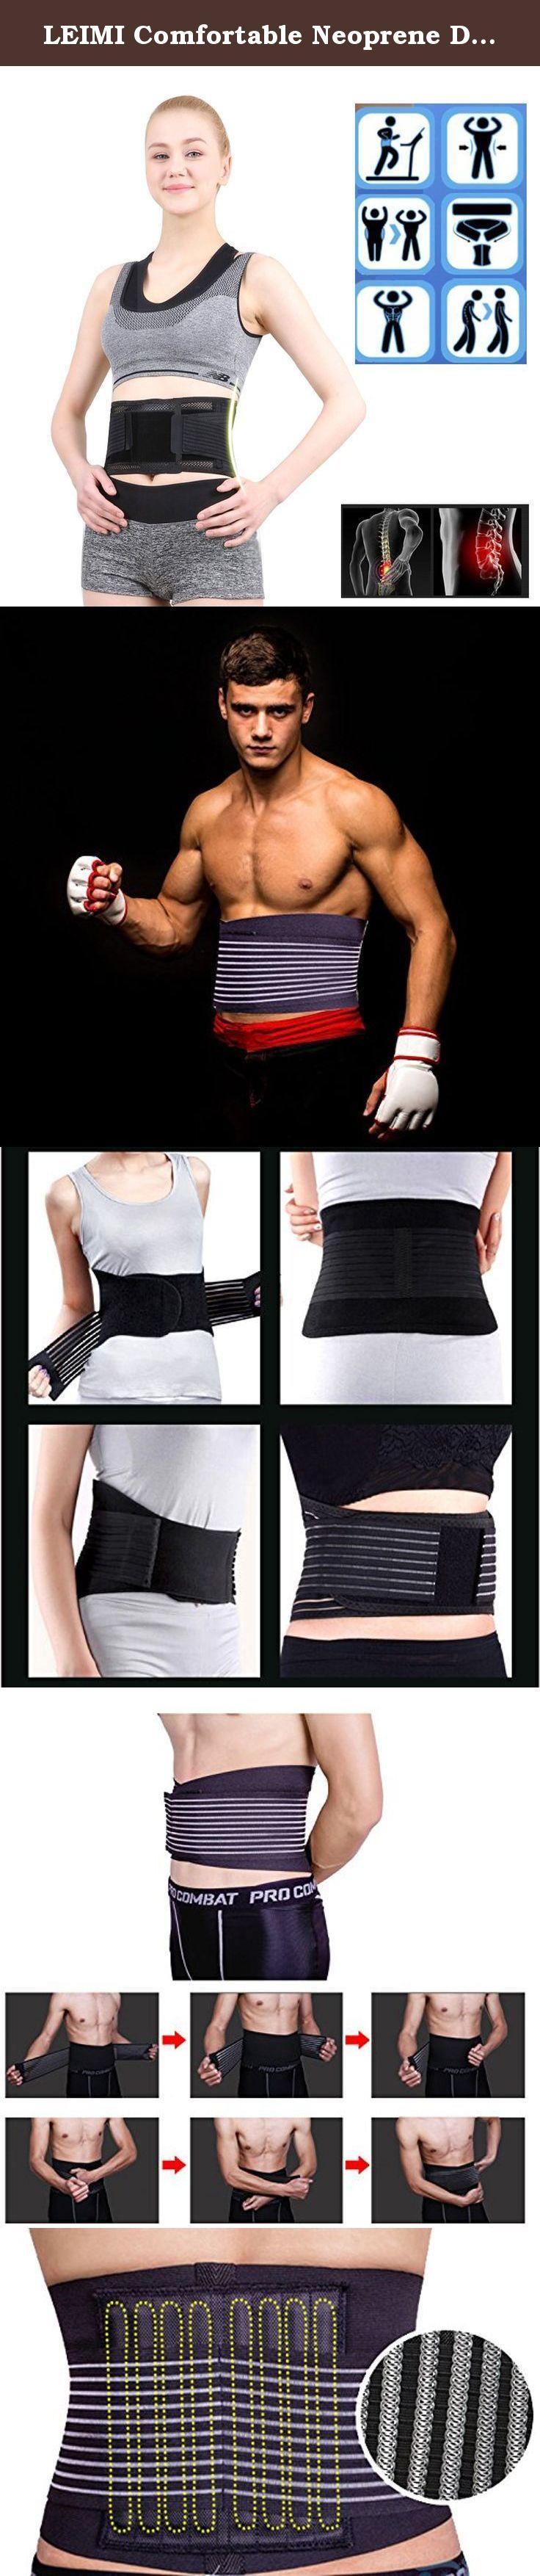 0d06117cc74 LEIMI Comfortable Neoprene Double Pull Lumbar Lower Back Support Brace  Exercise Velcro Adjustable Waist Trimmer Belt